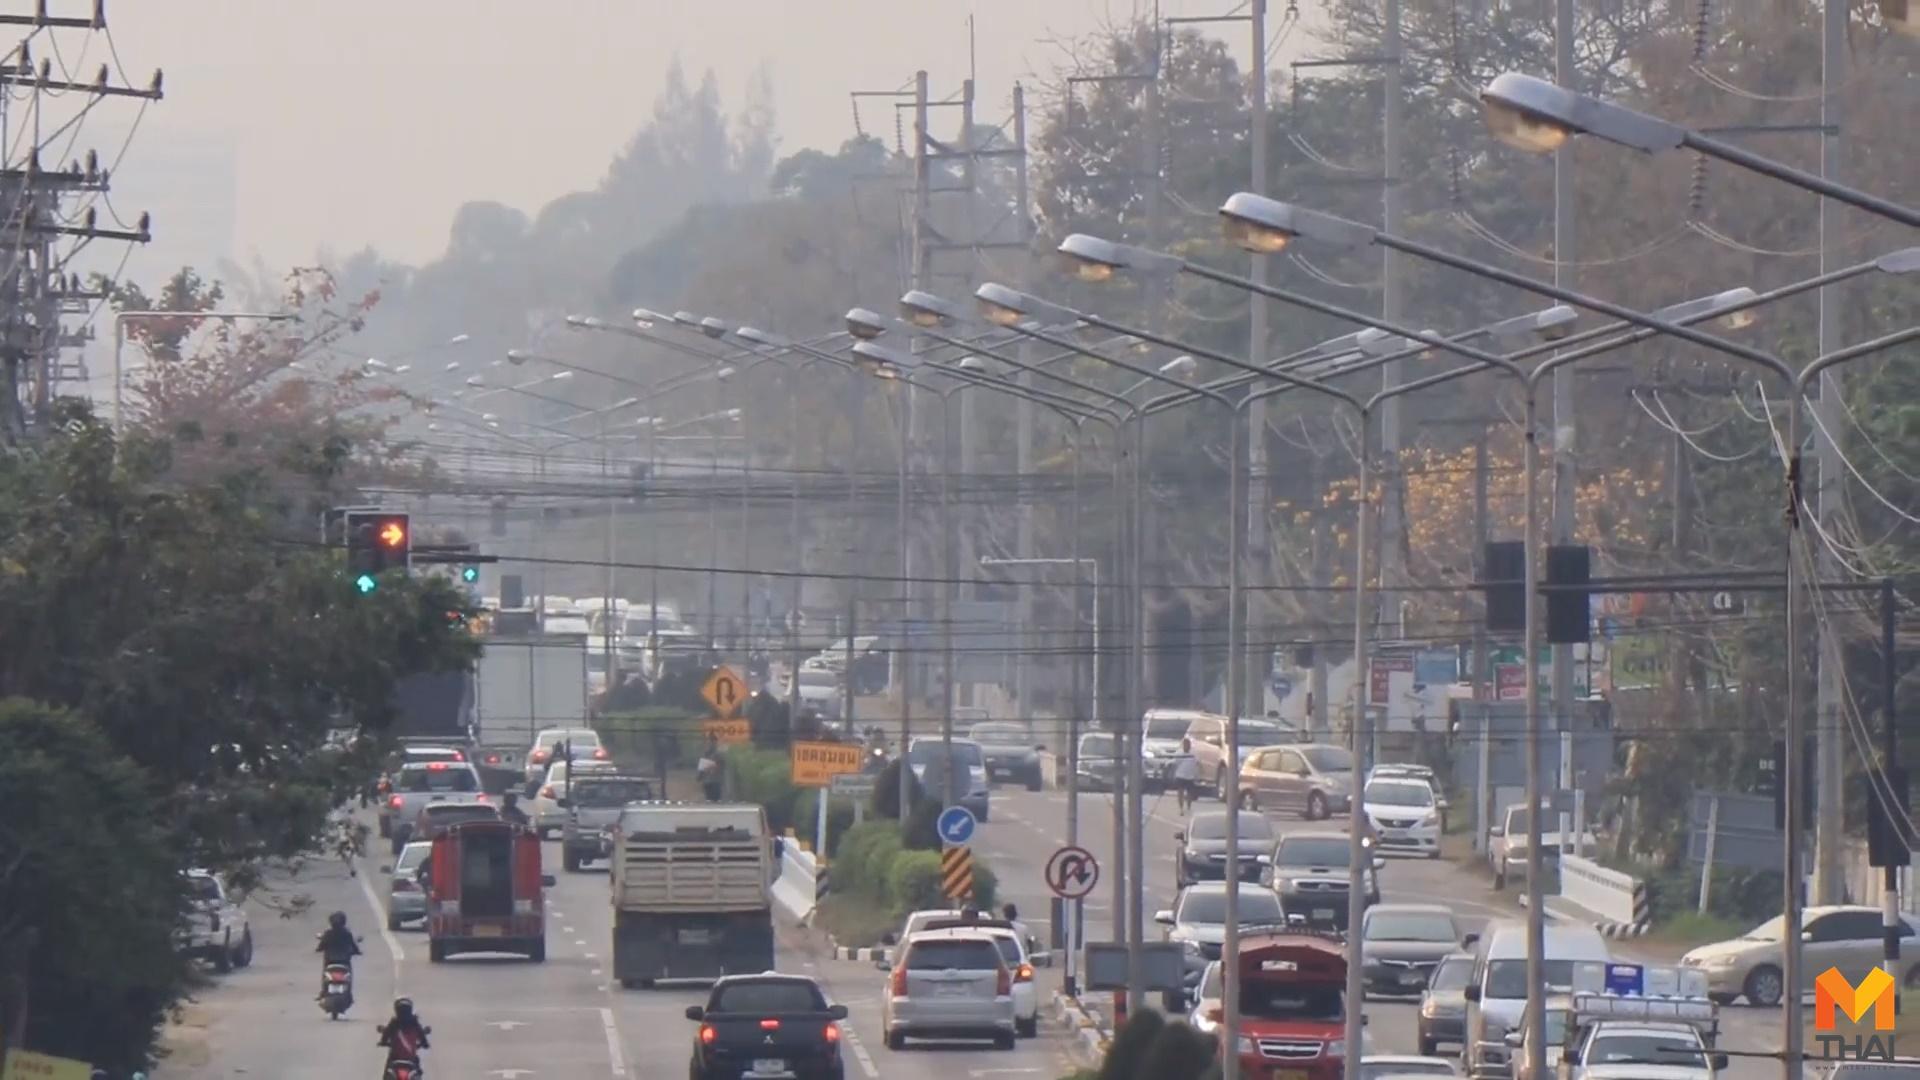 PM 2.5 ข่าวภูมิภาค ฝุ่นพิษ ฝุ่นละออง เชียงใหม่